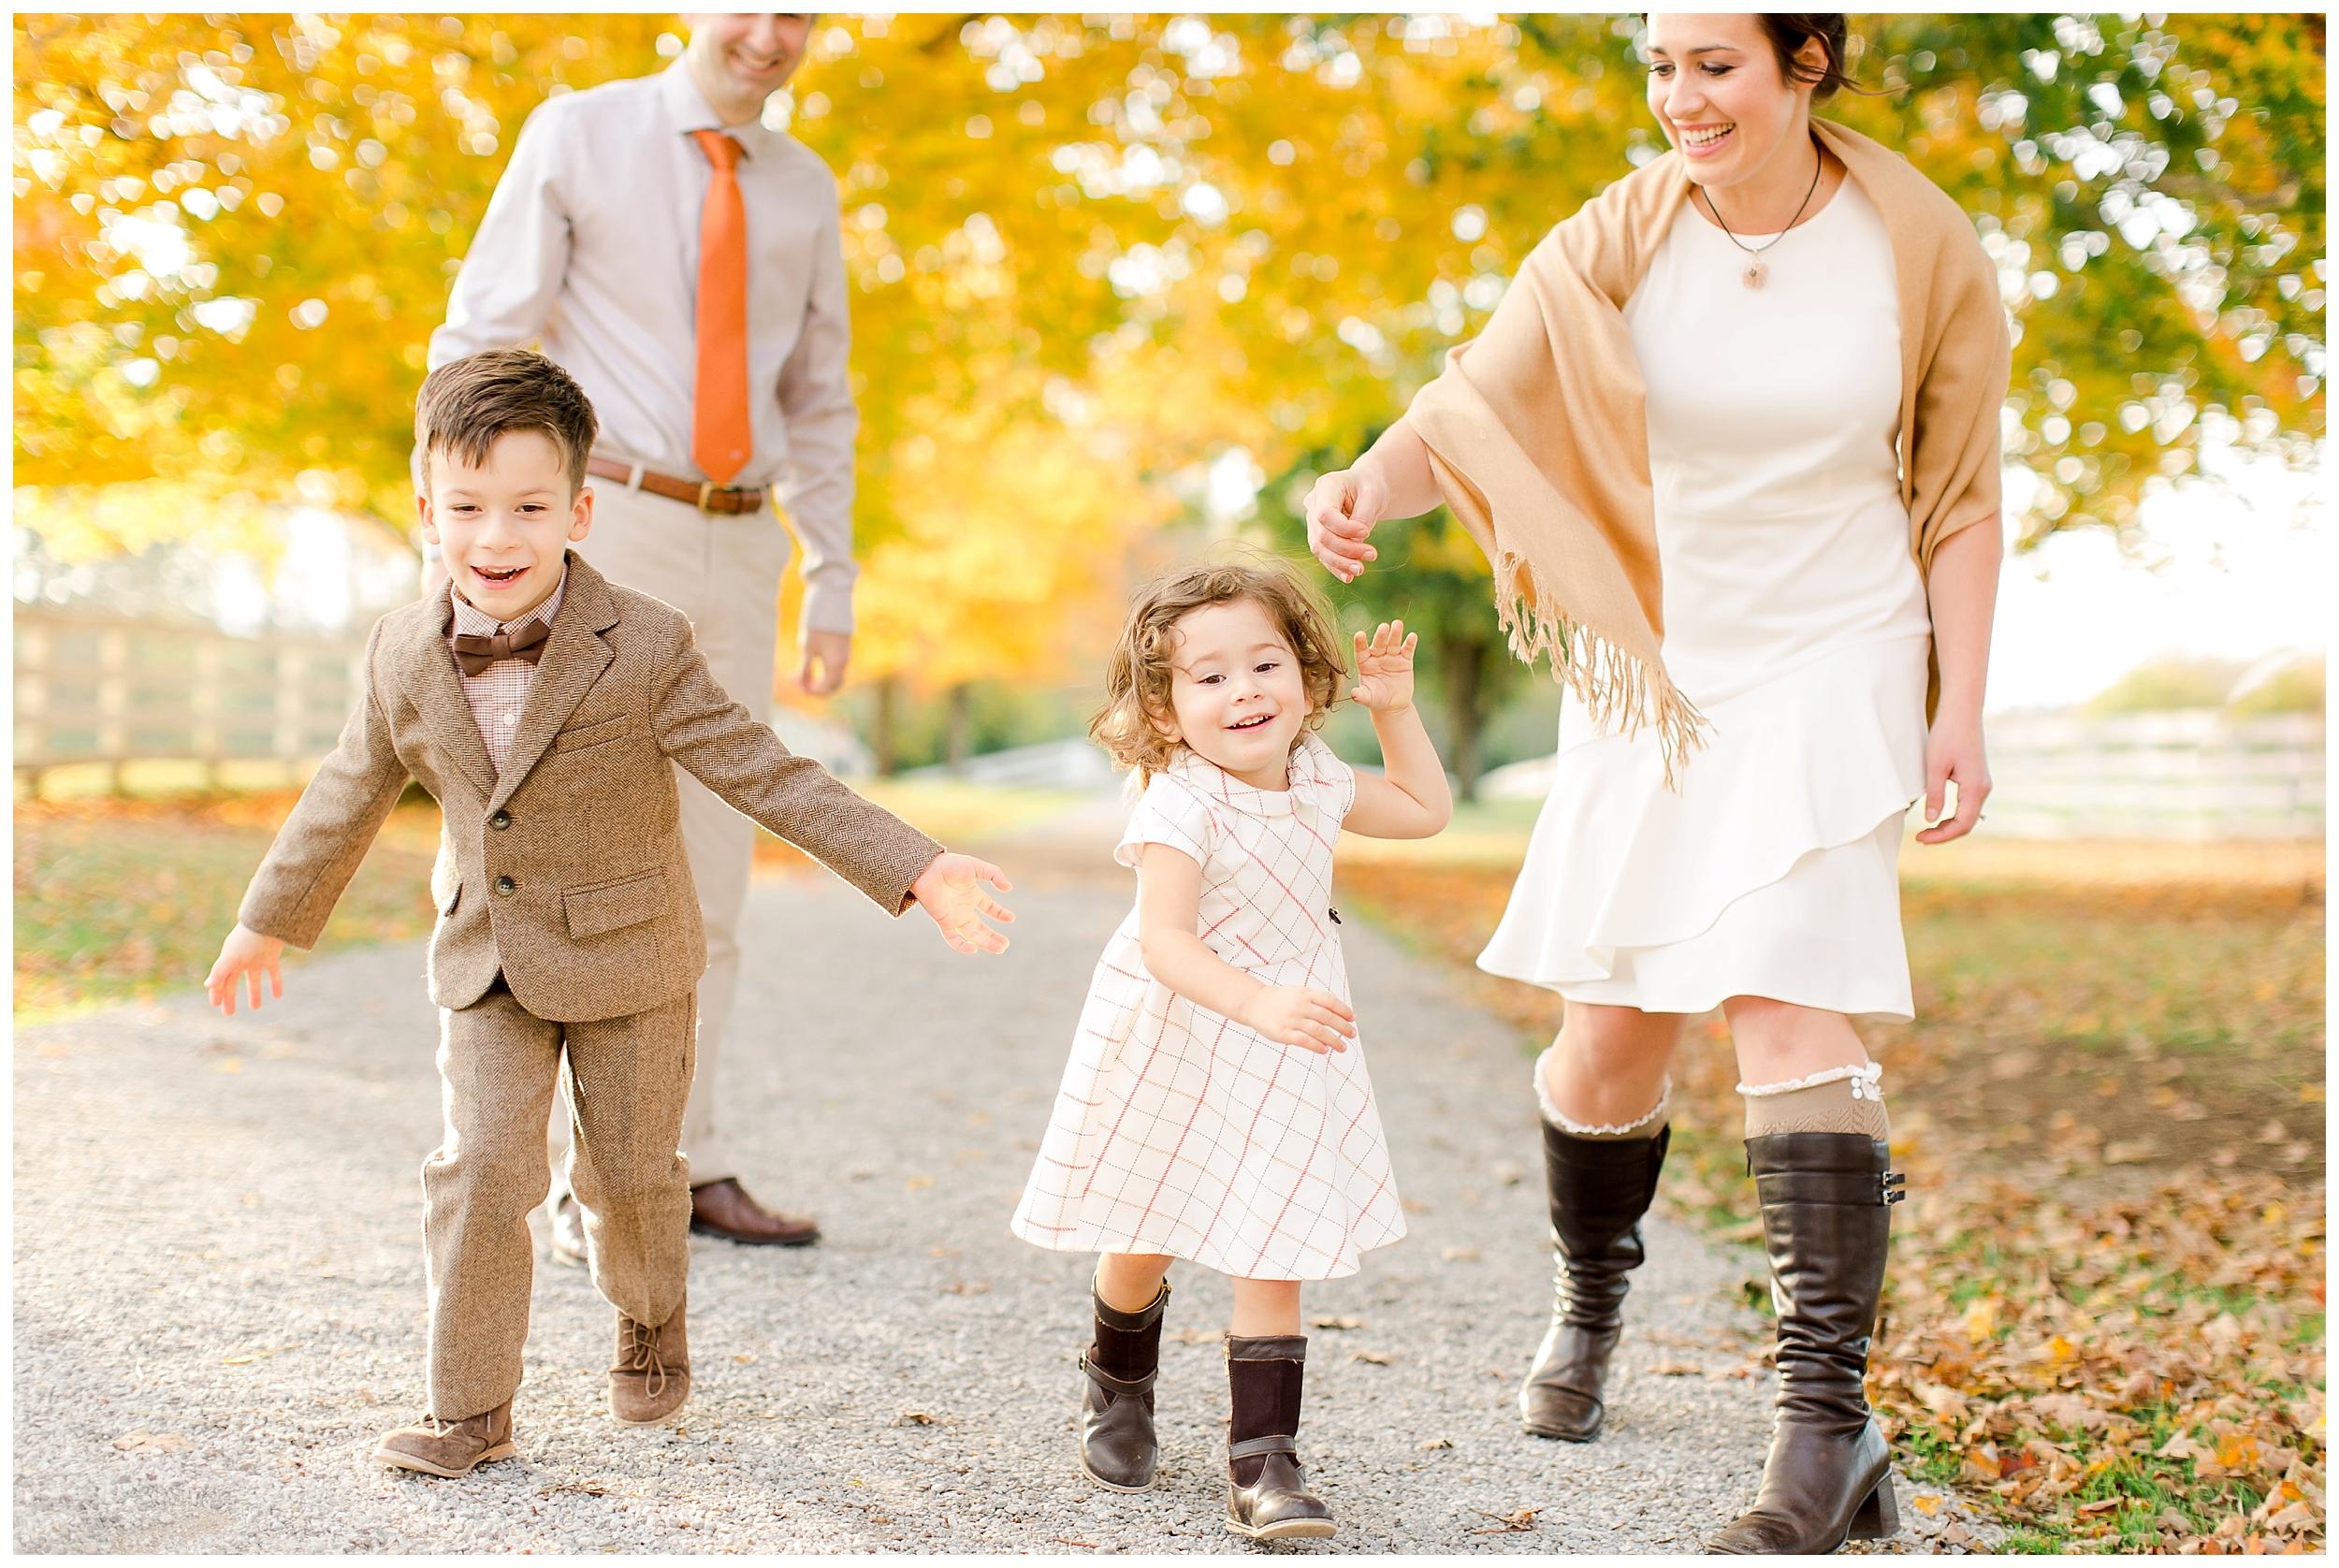 lexington-ky-family-lifestyle-photos-by-priscilla-baierlein_0406.jpg